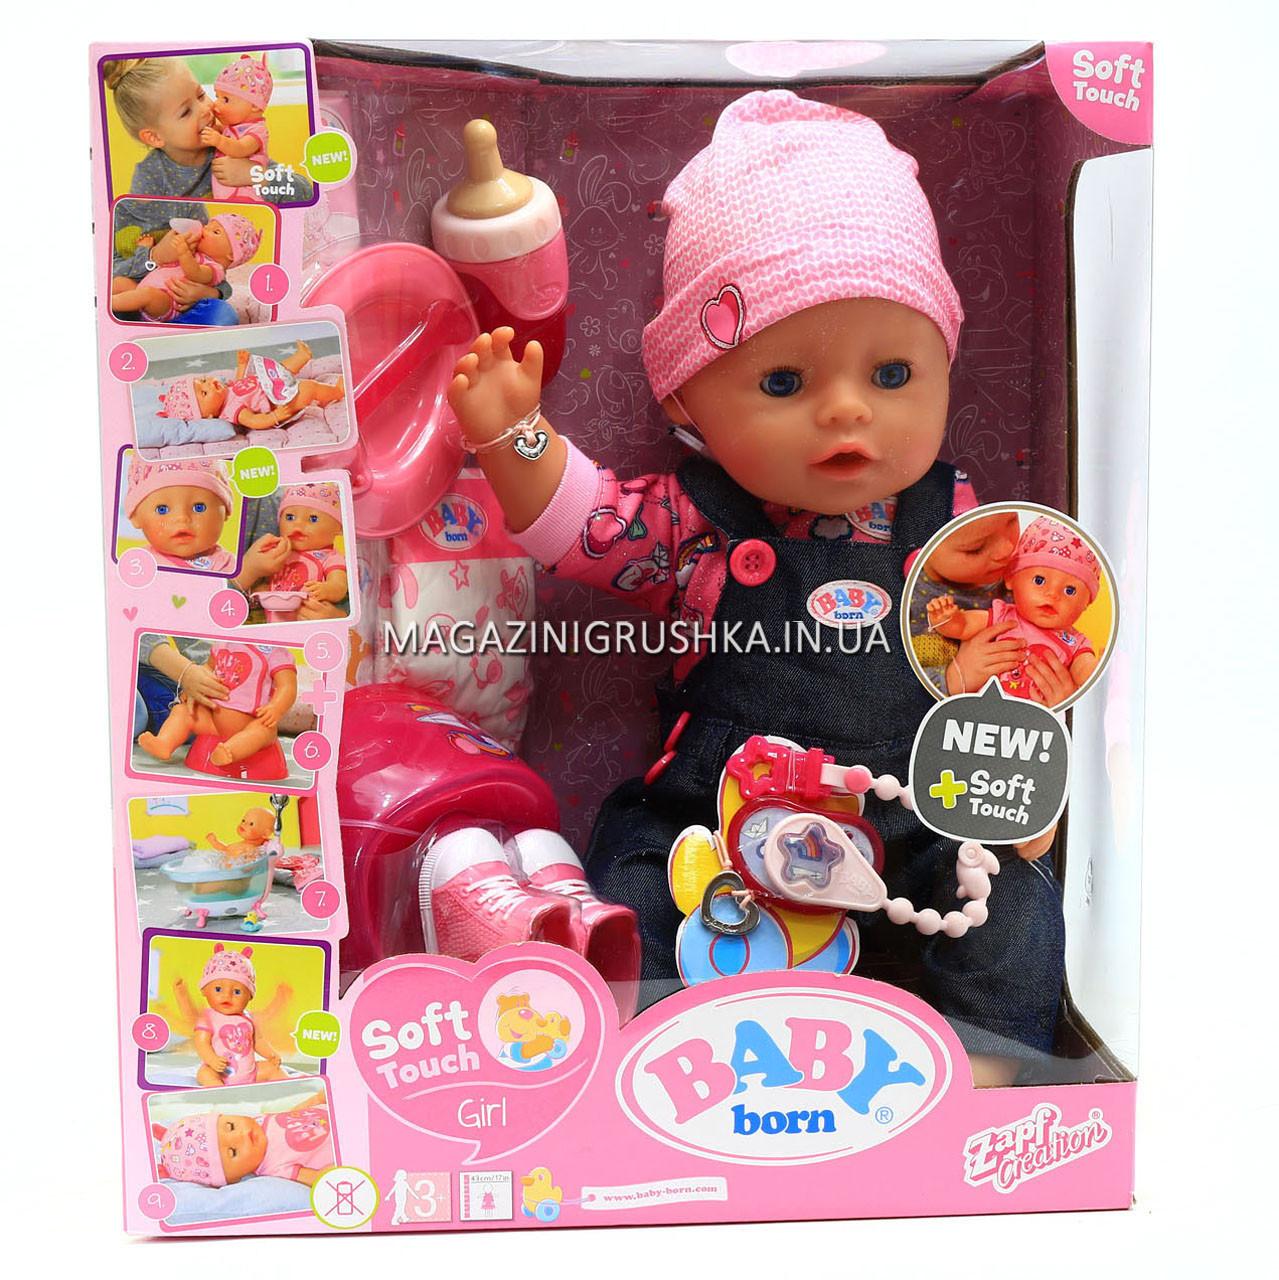 Кукла Baby Born Нежные объятия Джинсовый стиль (826157) (оригинал)